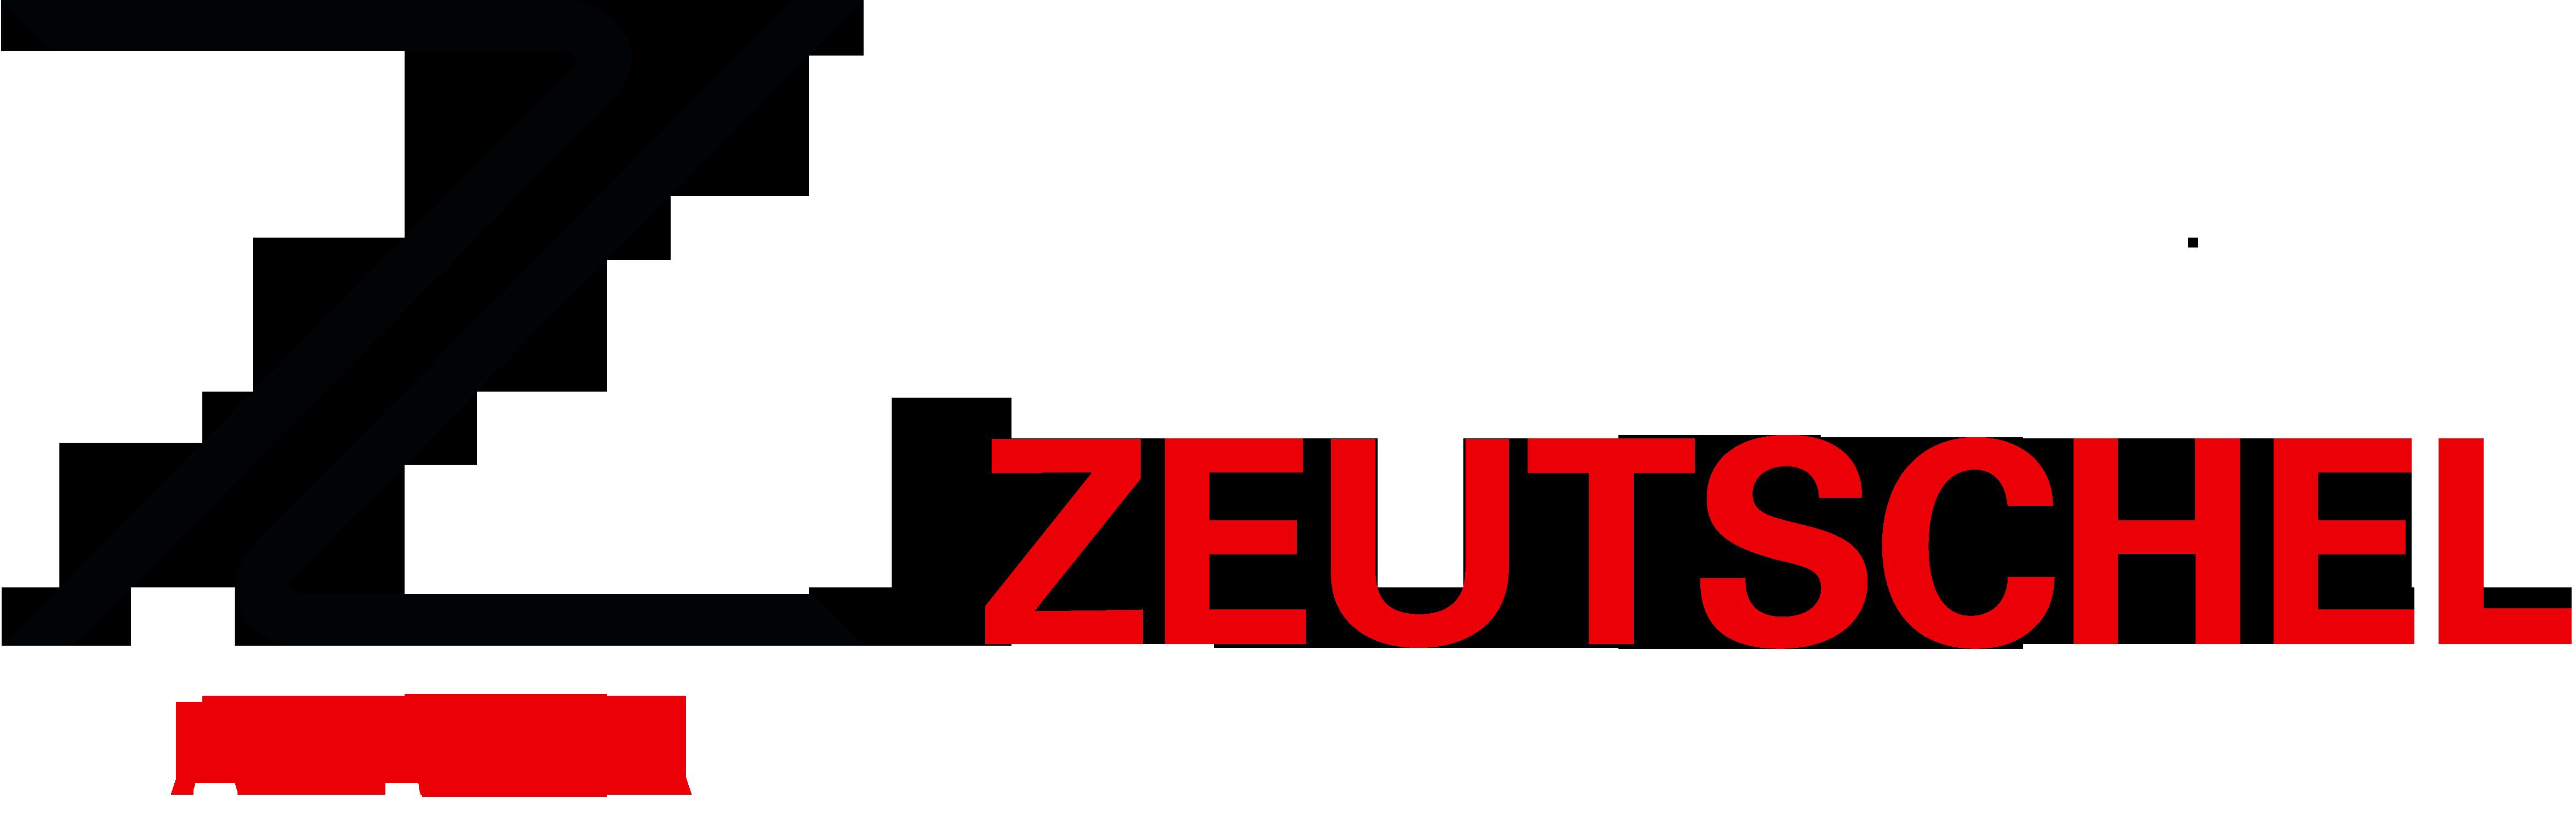 Zeutschel